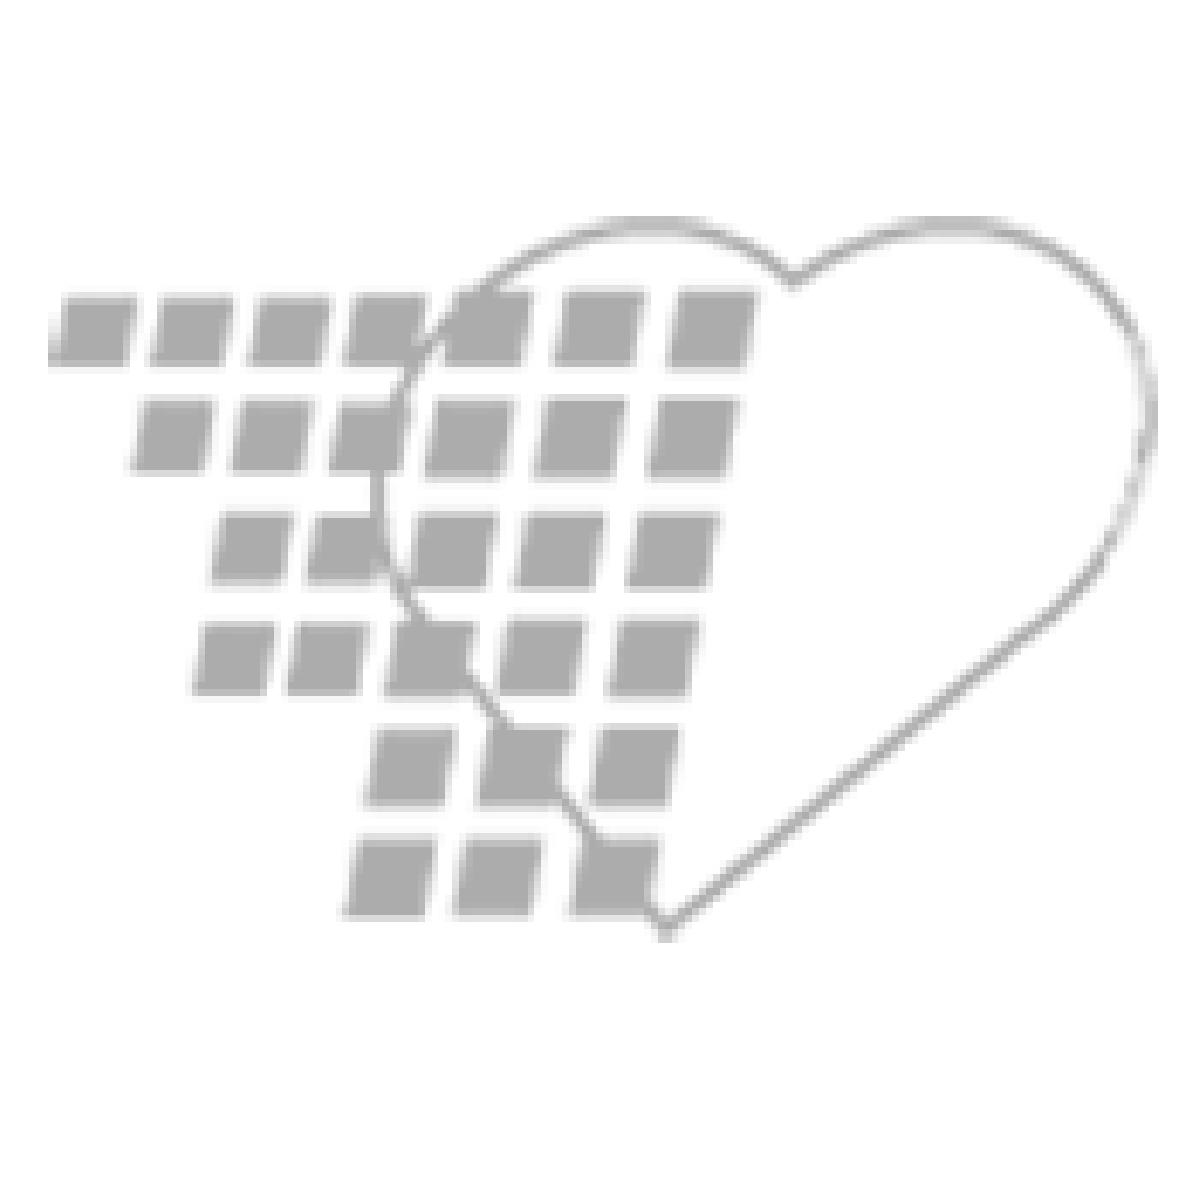 06-54-8300 Carefusion's Alaris EtCO2 Module